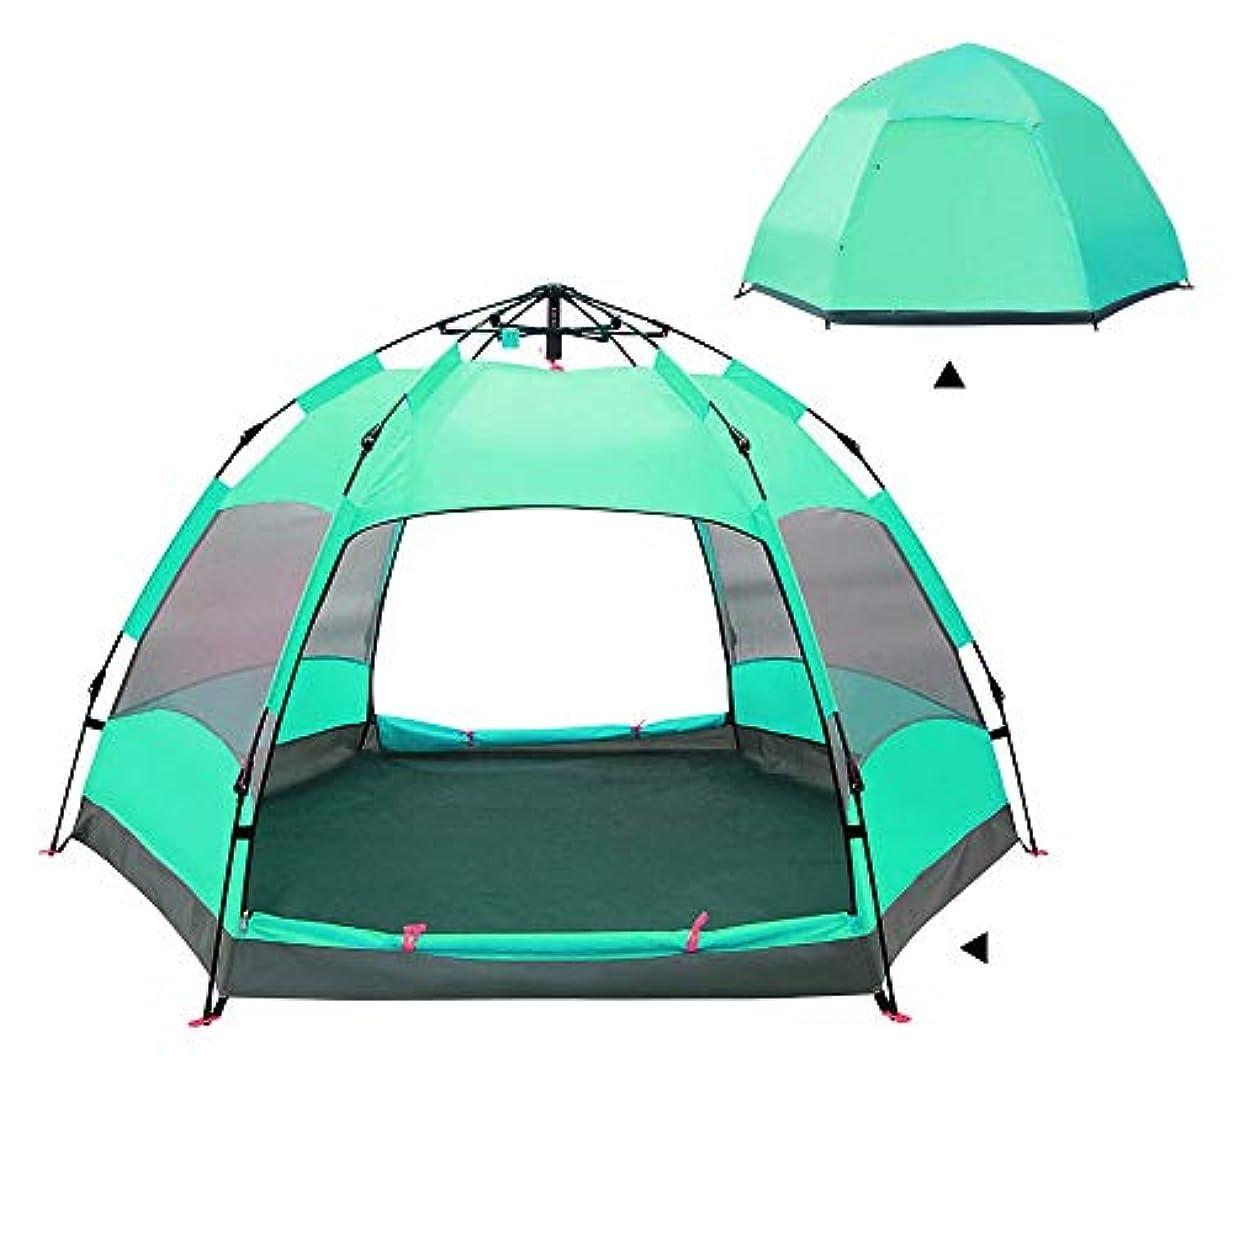 ハミングバードメロドラマムスタチオMeet now 自動ポップアップキャンプテントポータブル3?5人家族のテント防水ダブルドアベントネットウィンドウ - 理想的なシェルターキャンプハイキング野外活動防水と抗UV折りたたみ防水通気性屋外テント 品質保証 (Color : Green)